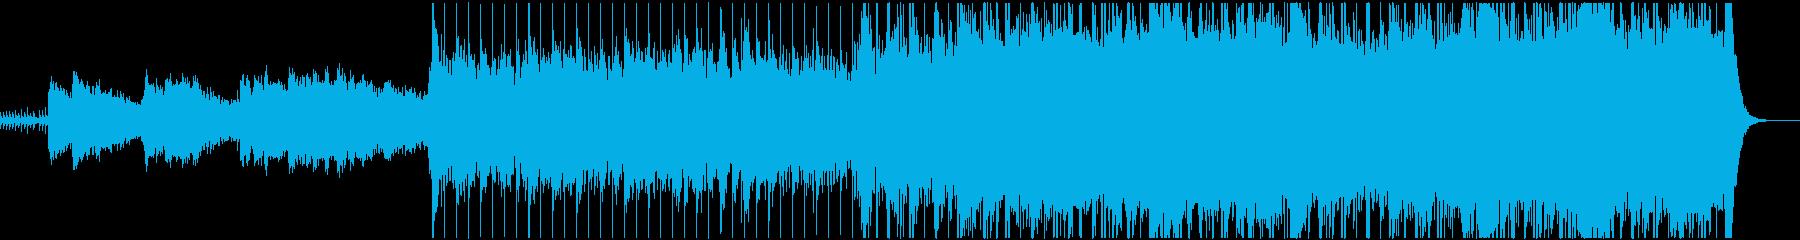 テーマ性・パワフル・シネマティック音楽の再生済みの波形